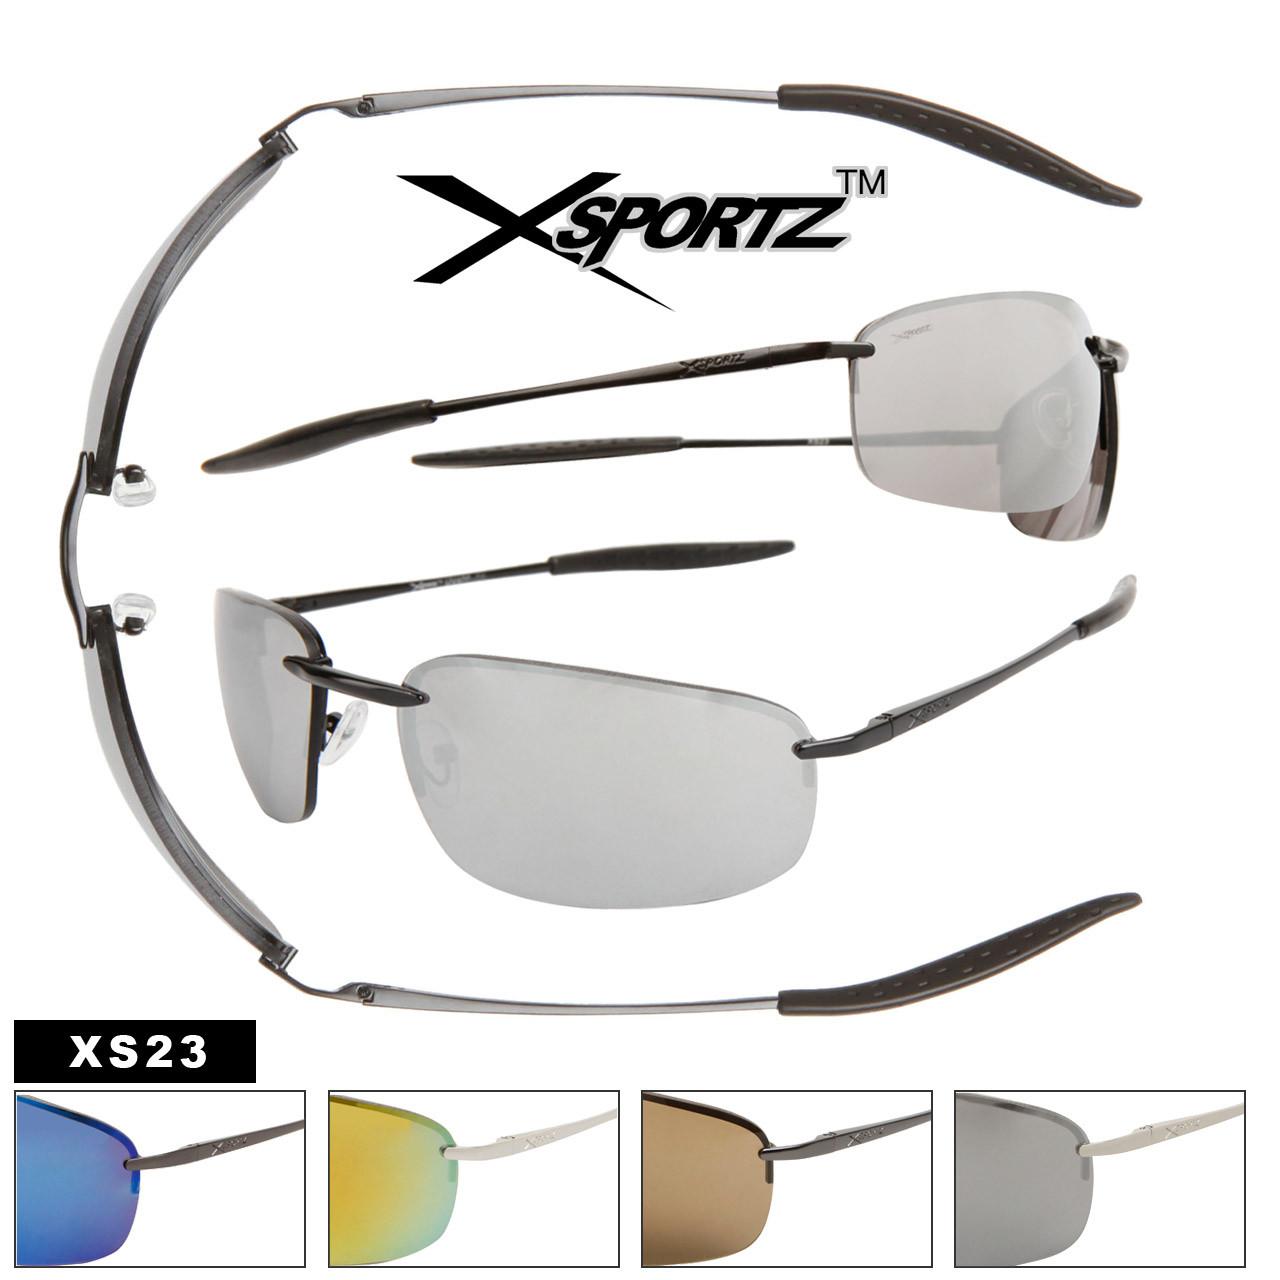 Metal Frame Sport Sunglasses for Men XS23